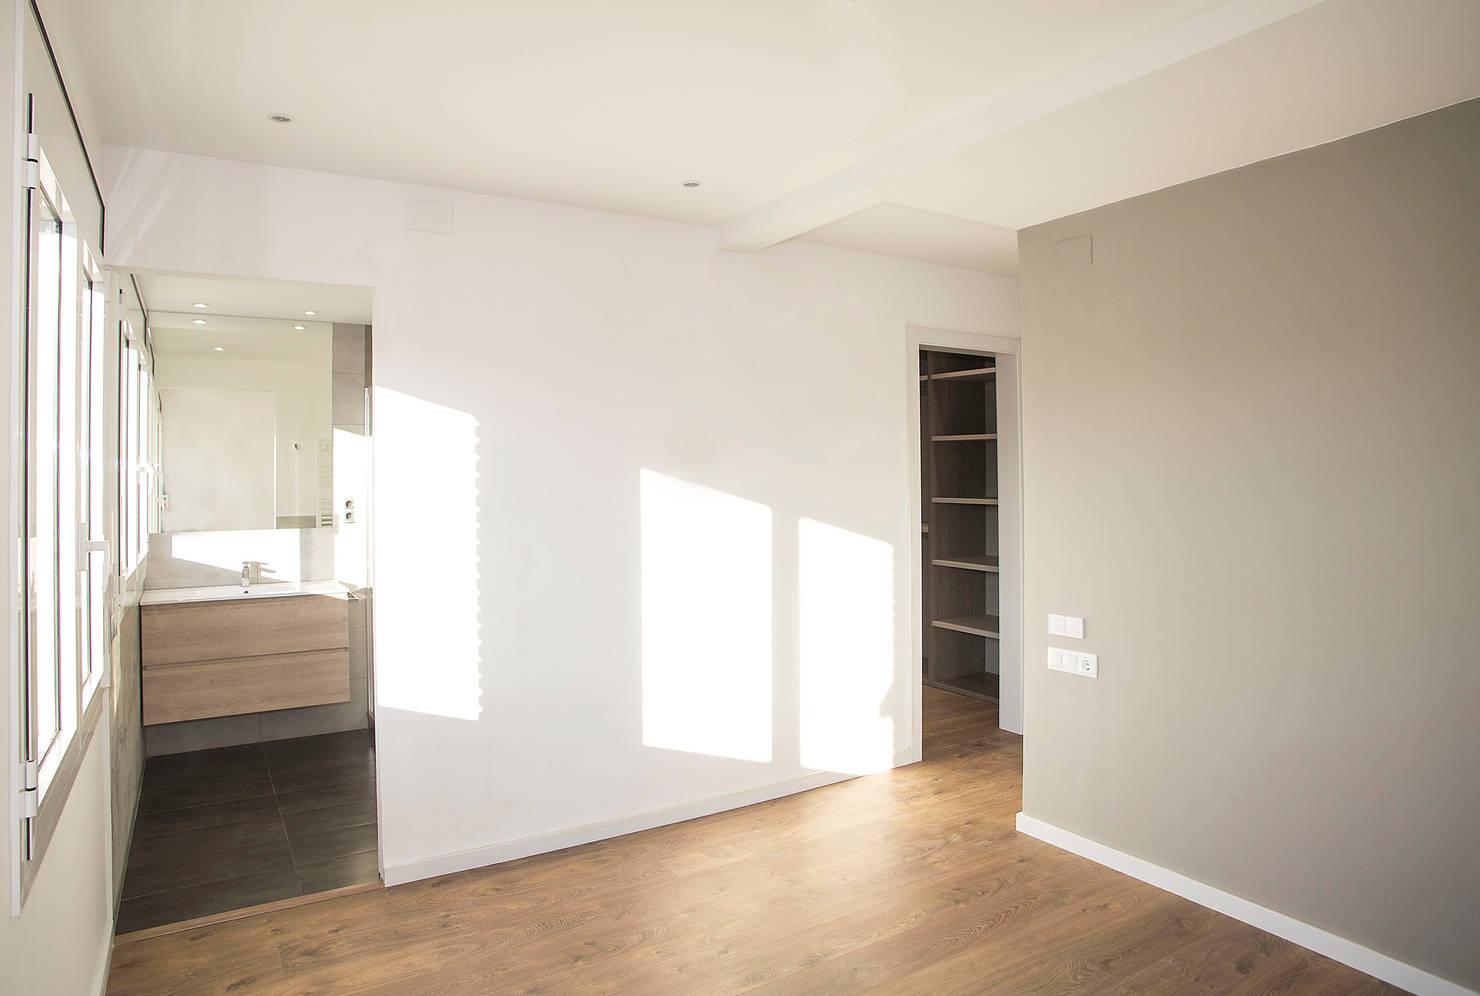 Un Appartamento Elegante e Luminoso da Cui Prendere Spunto